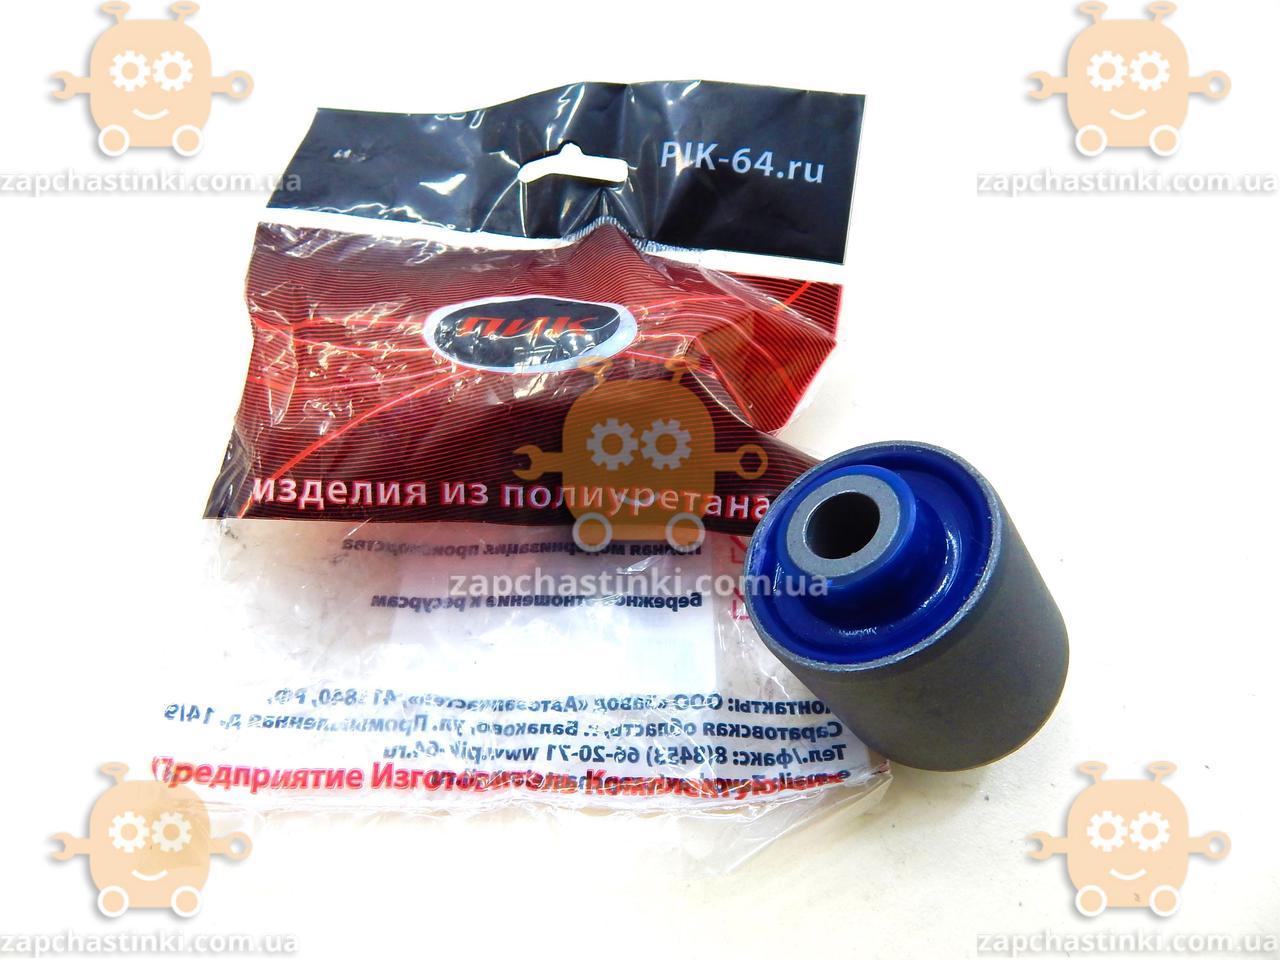 Шарнир продольной штанги нижний ВАЗ 21214 УРБАН ПОЛИУРЕТАН синий (пр-во ПИК г. Балаково) КС 001803